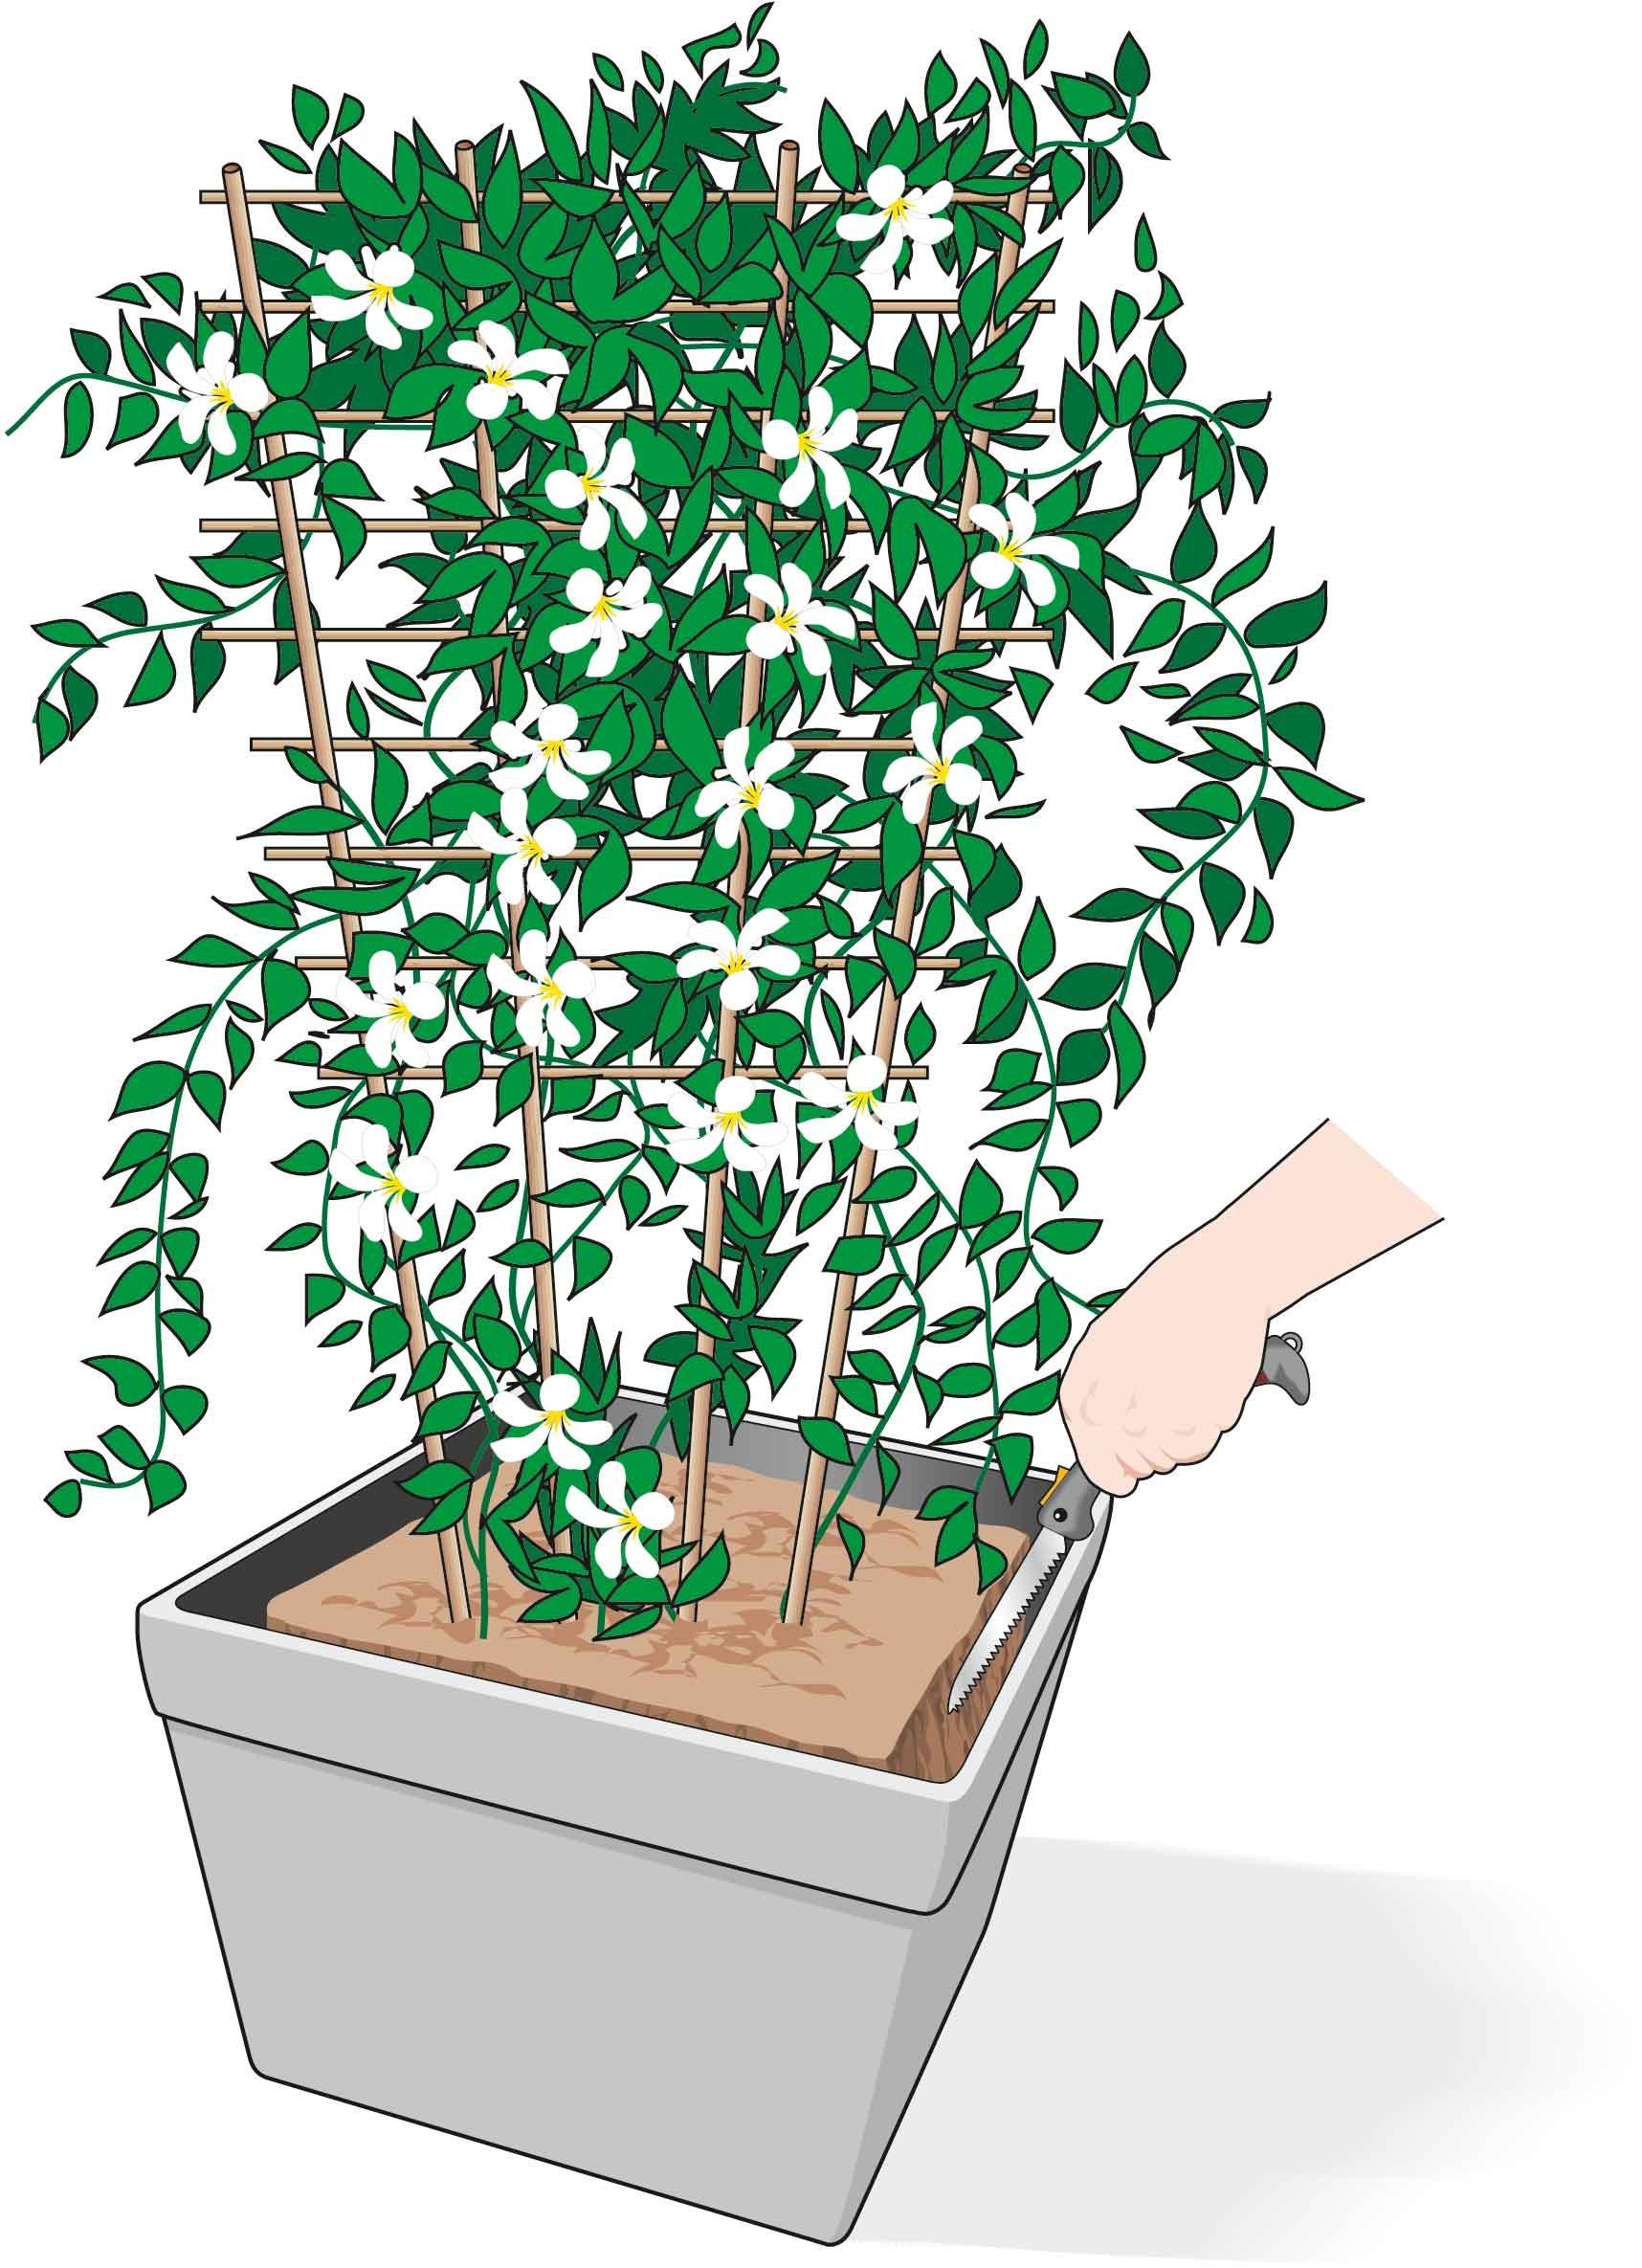 Rampicanti Adatti In Vaso rinnovare il terriccio nel vaso del gelsomino - cose di casa